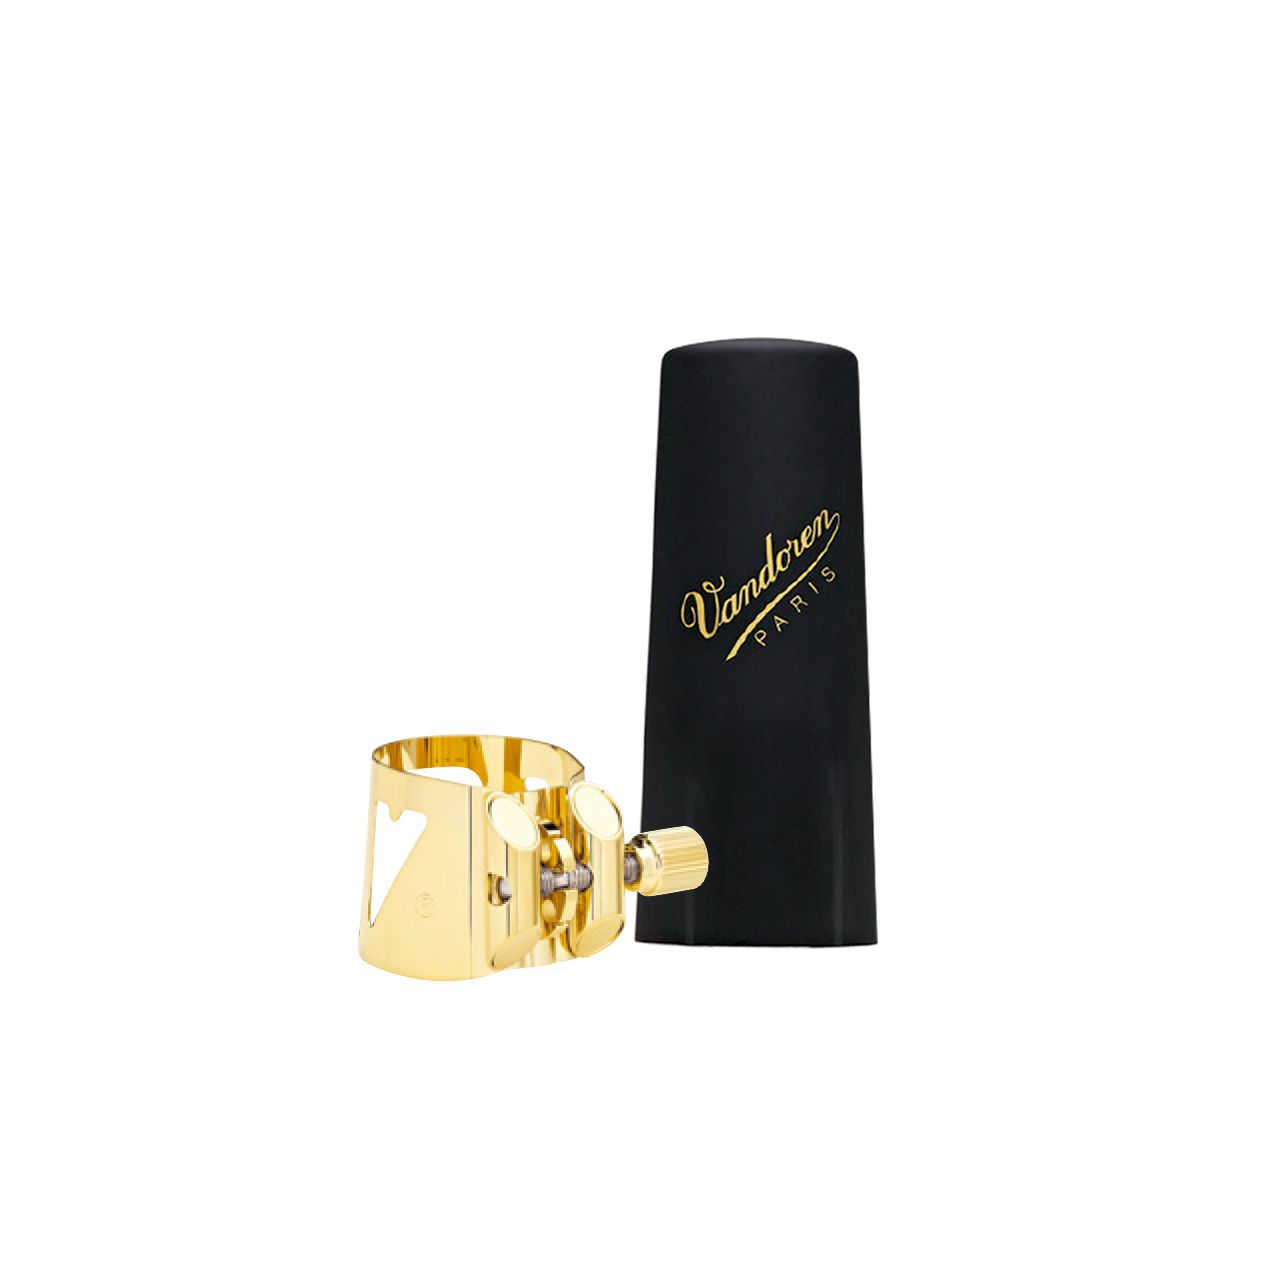 Bracadeira Optimum Dourada Lc06p P/sax Soprano C/cobre Boquilha De Plastico Lc06p Vandoren